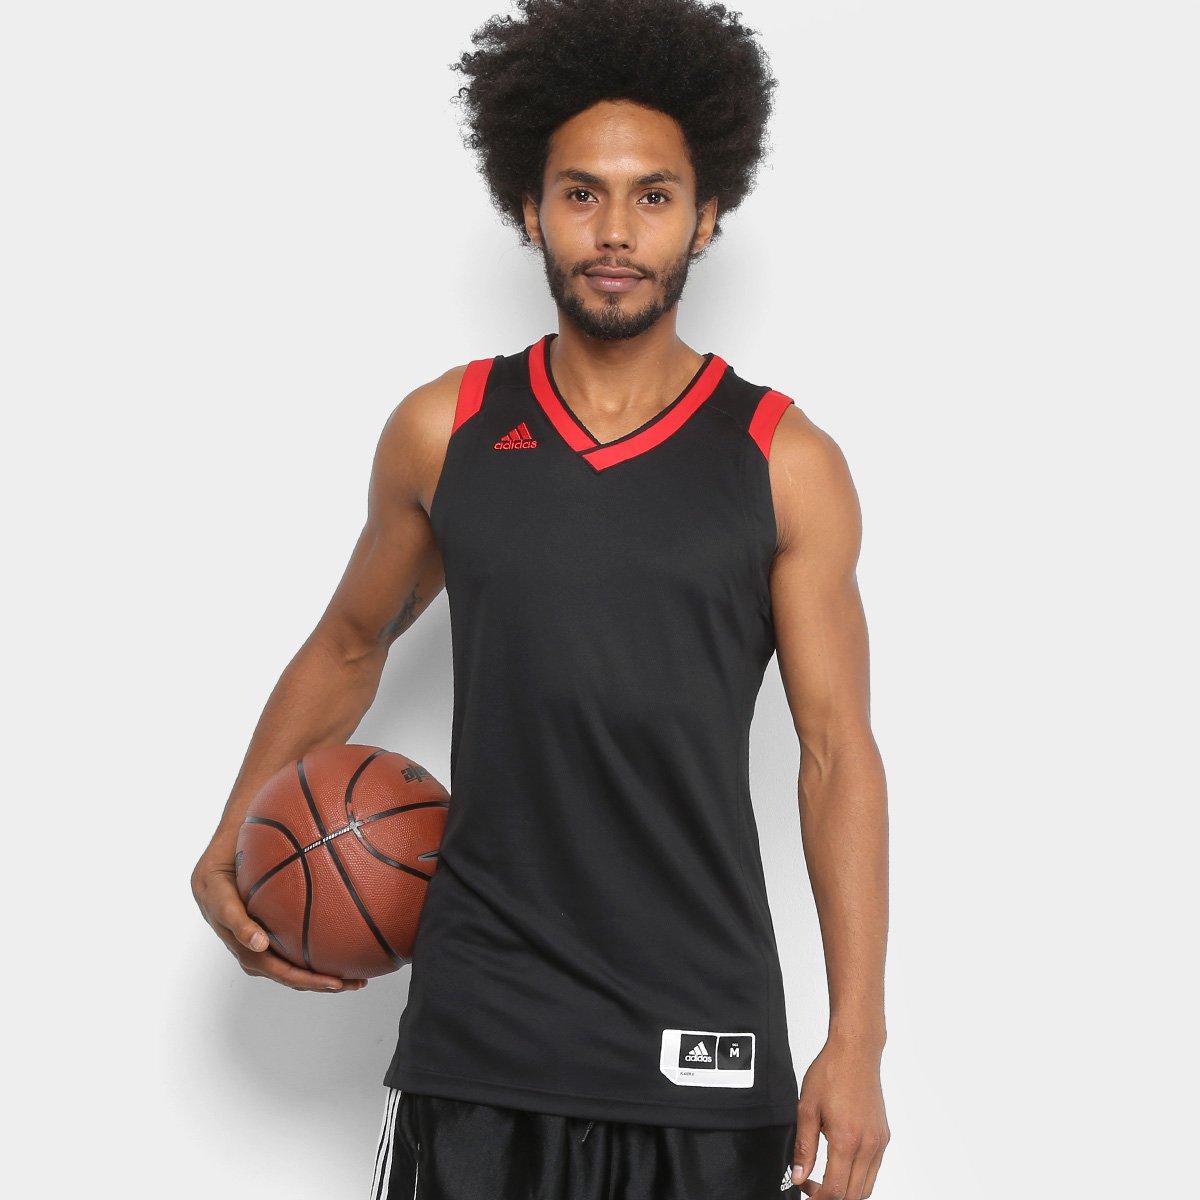 Regata Adidas Crazy Explosive Masculina - Preto e Vermelho - Compre Agora  876b8f0358035